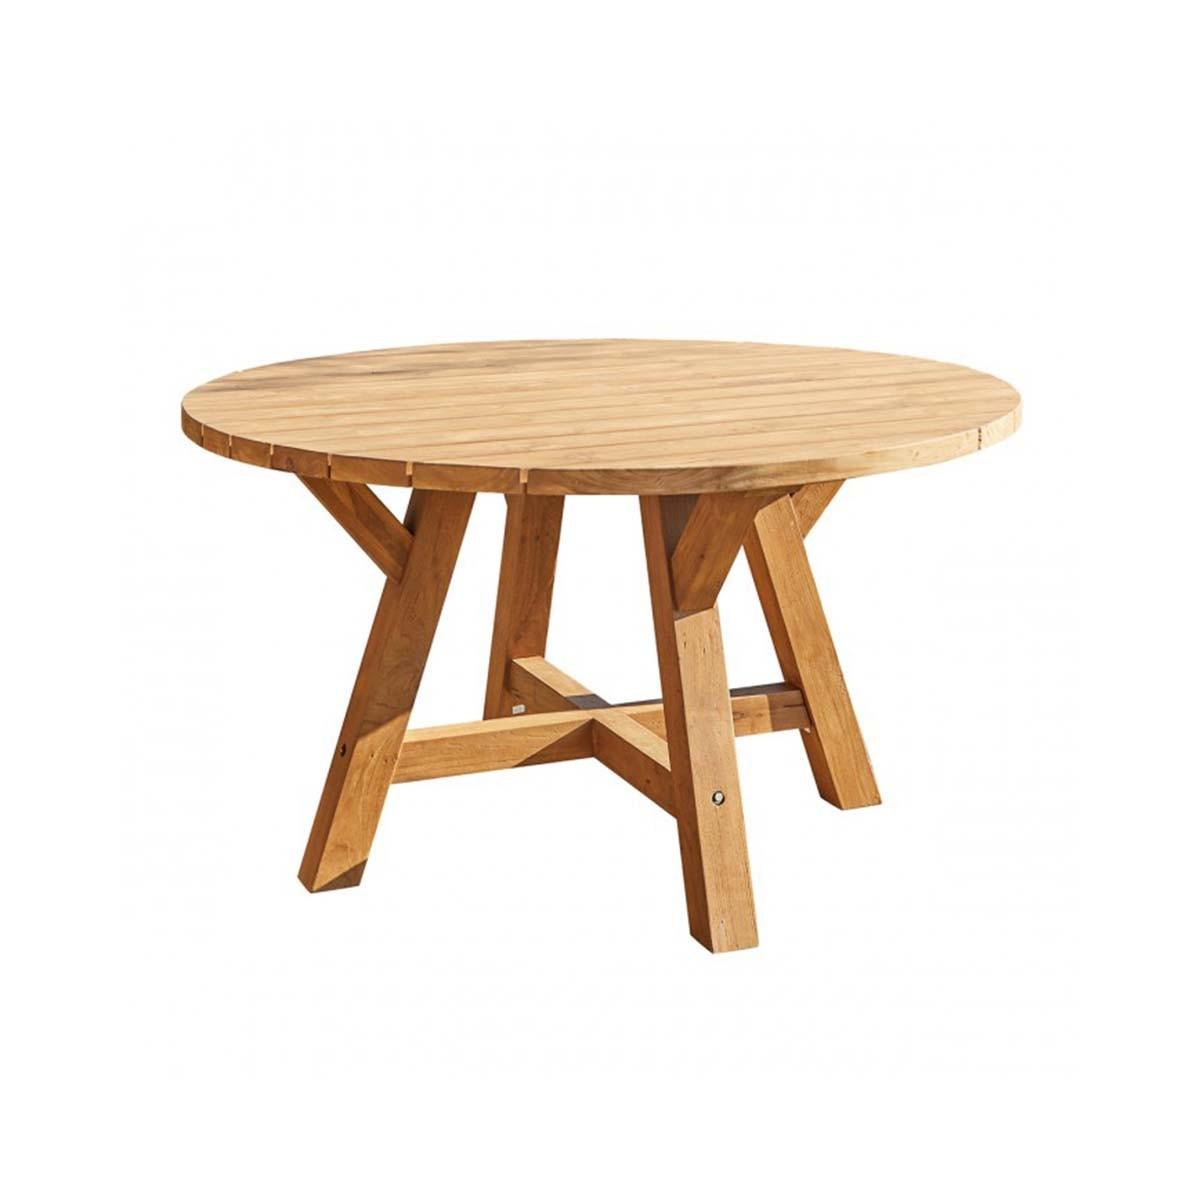 Table de jardin en teck recyclé ronde 6 personnes